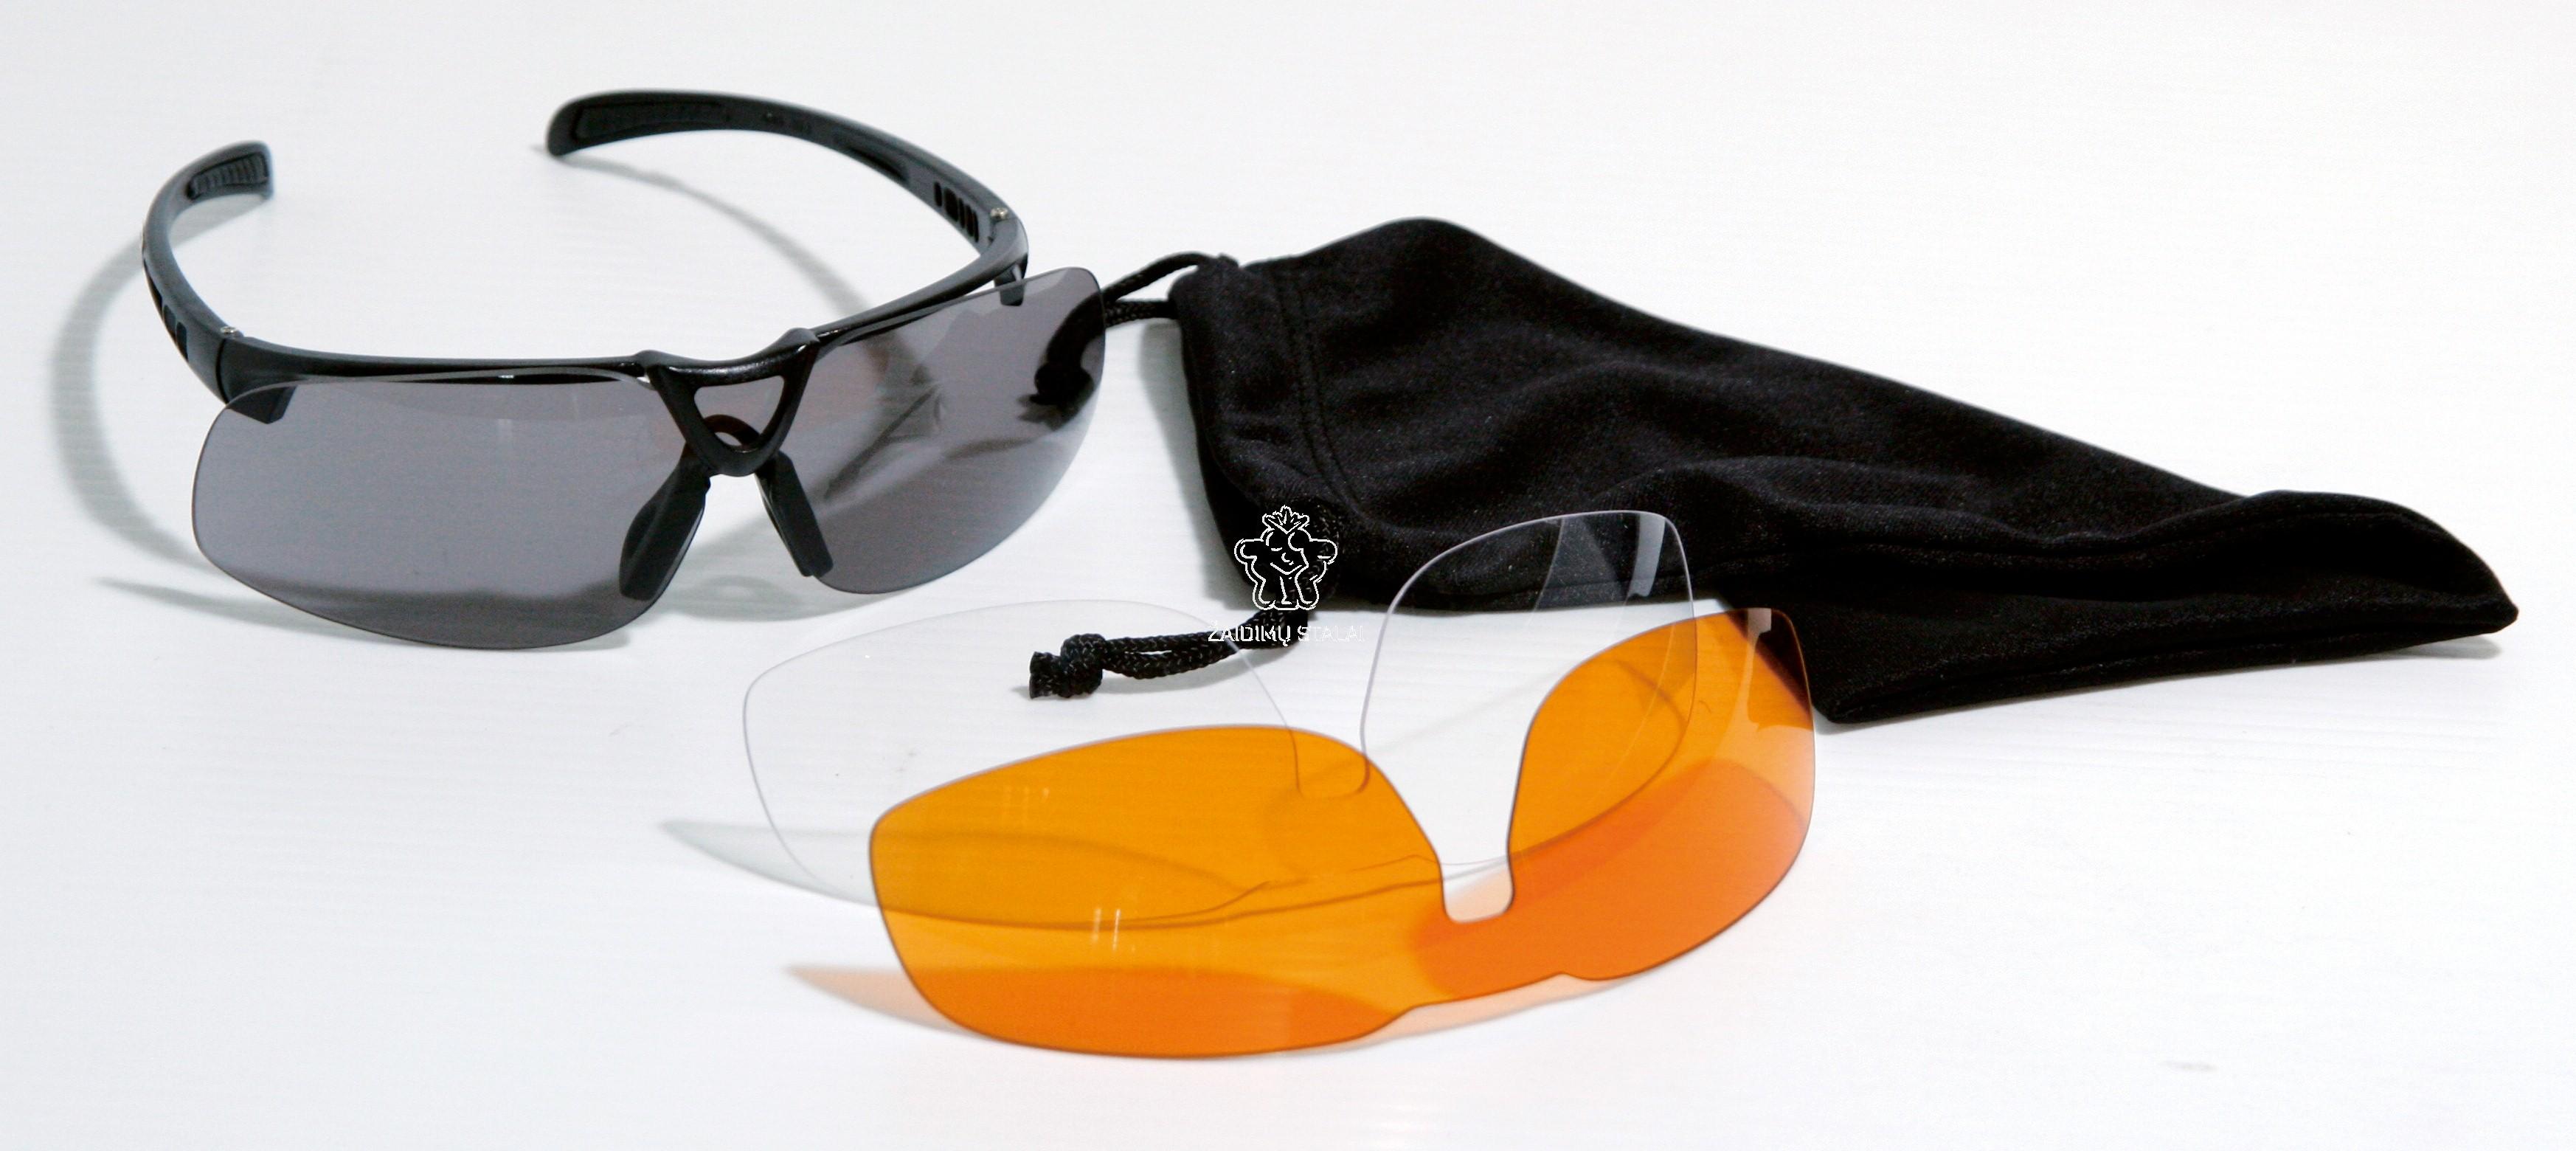 Sportavimo akiniai PRO su 3 stiklų poromis